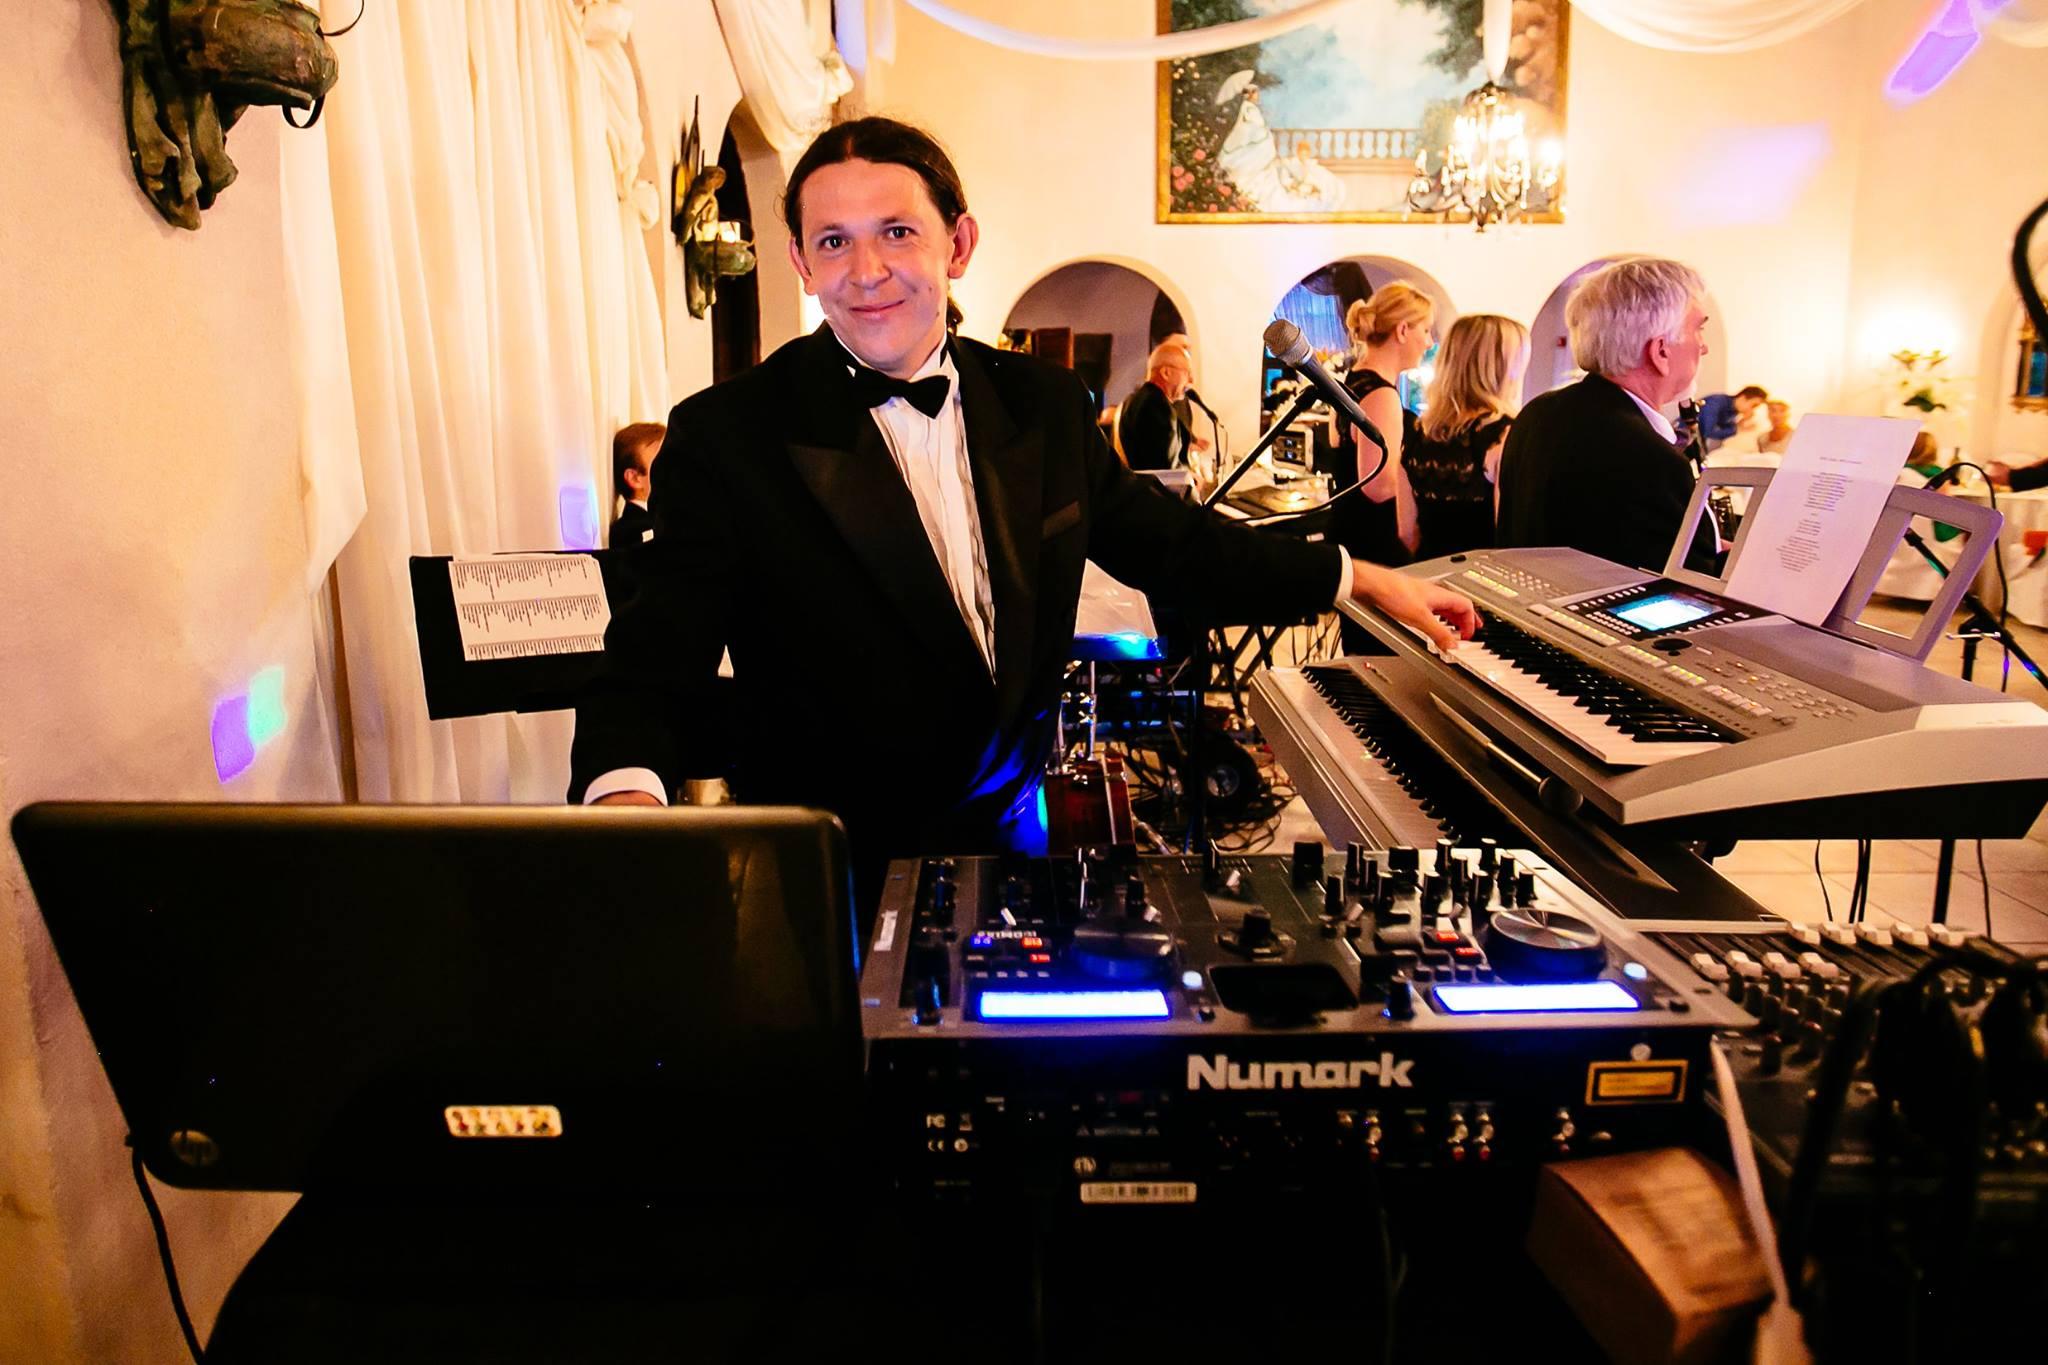 Polski DJ na wesele w Nowym Jorku